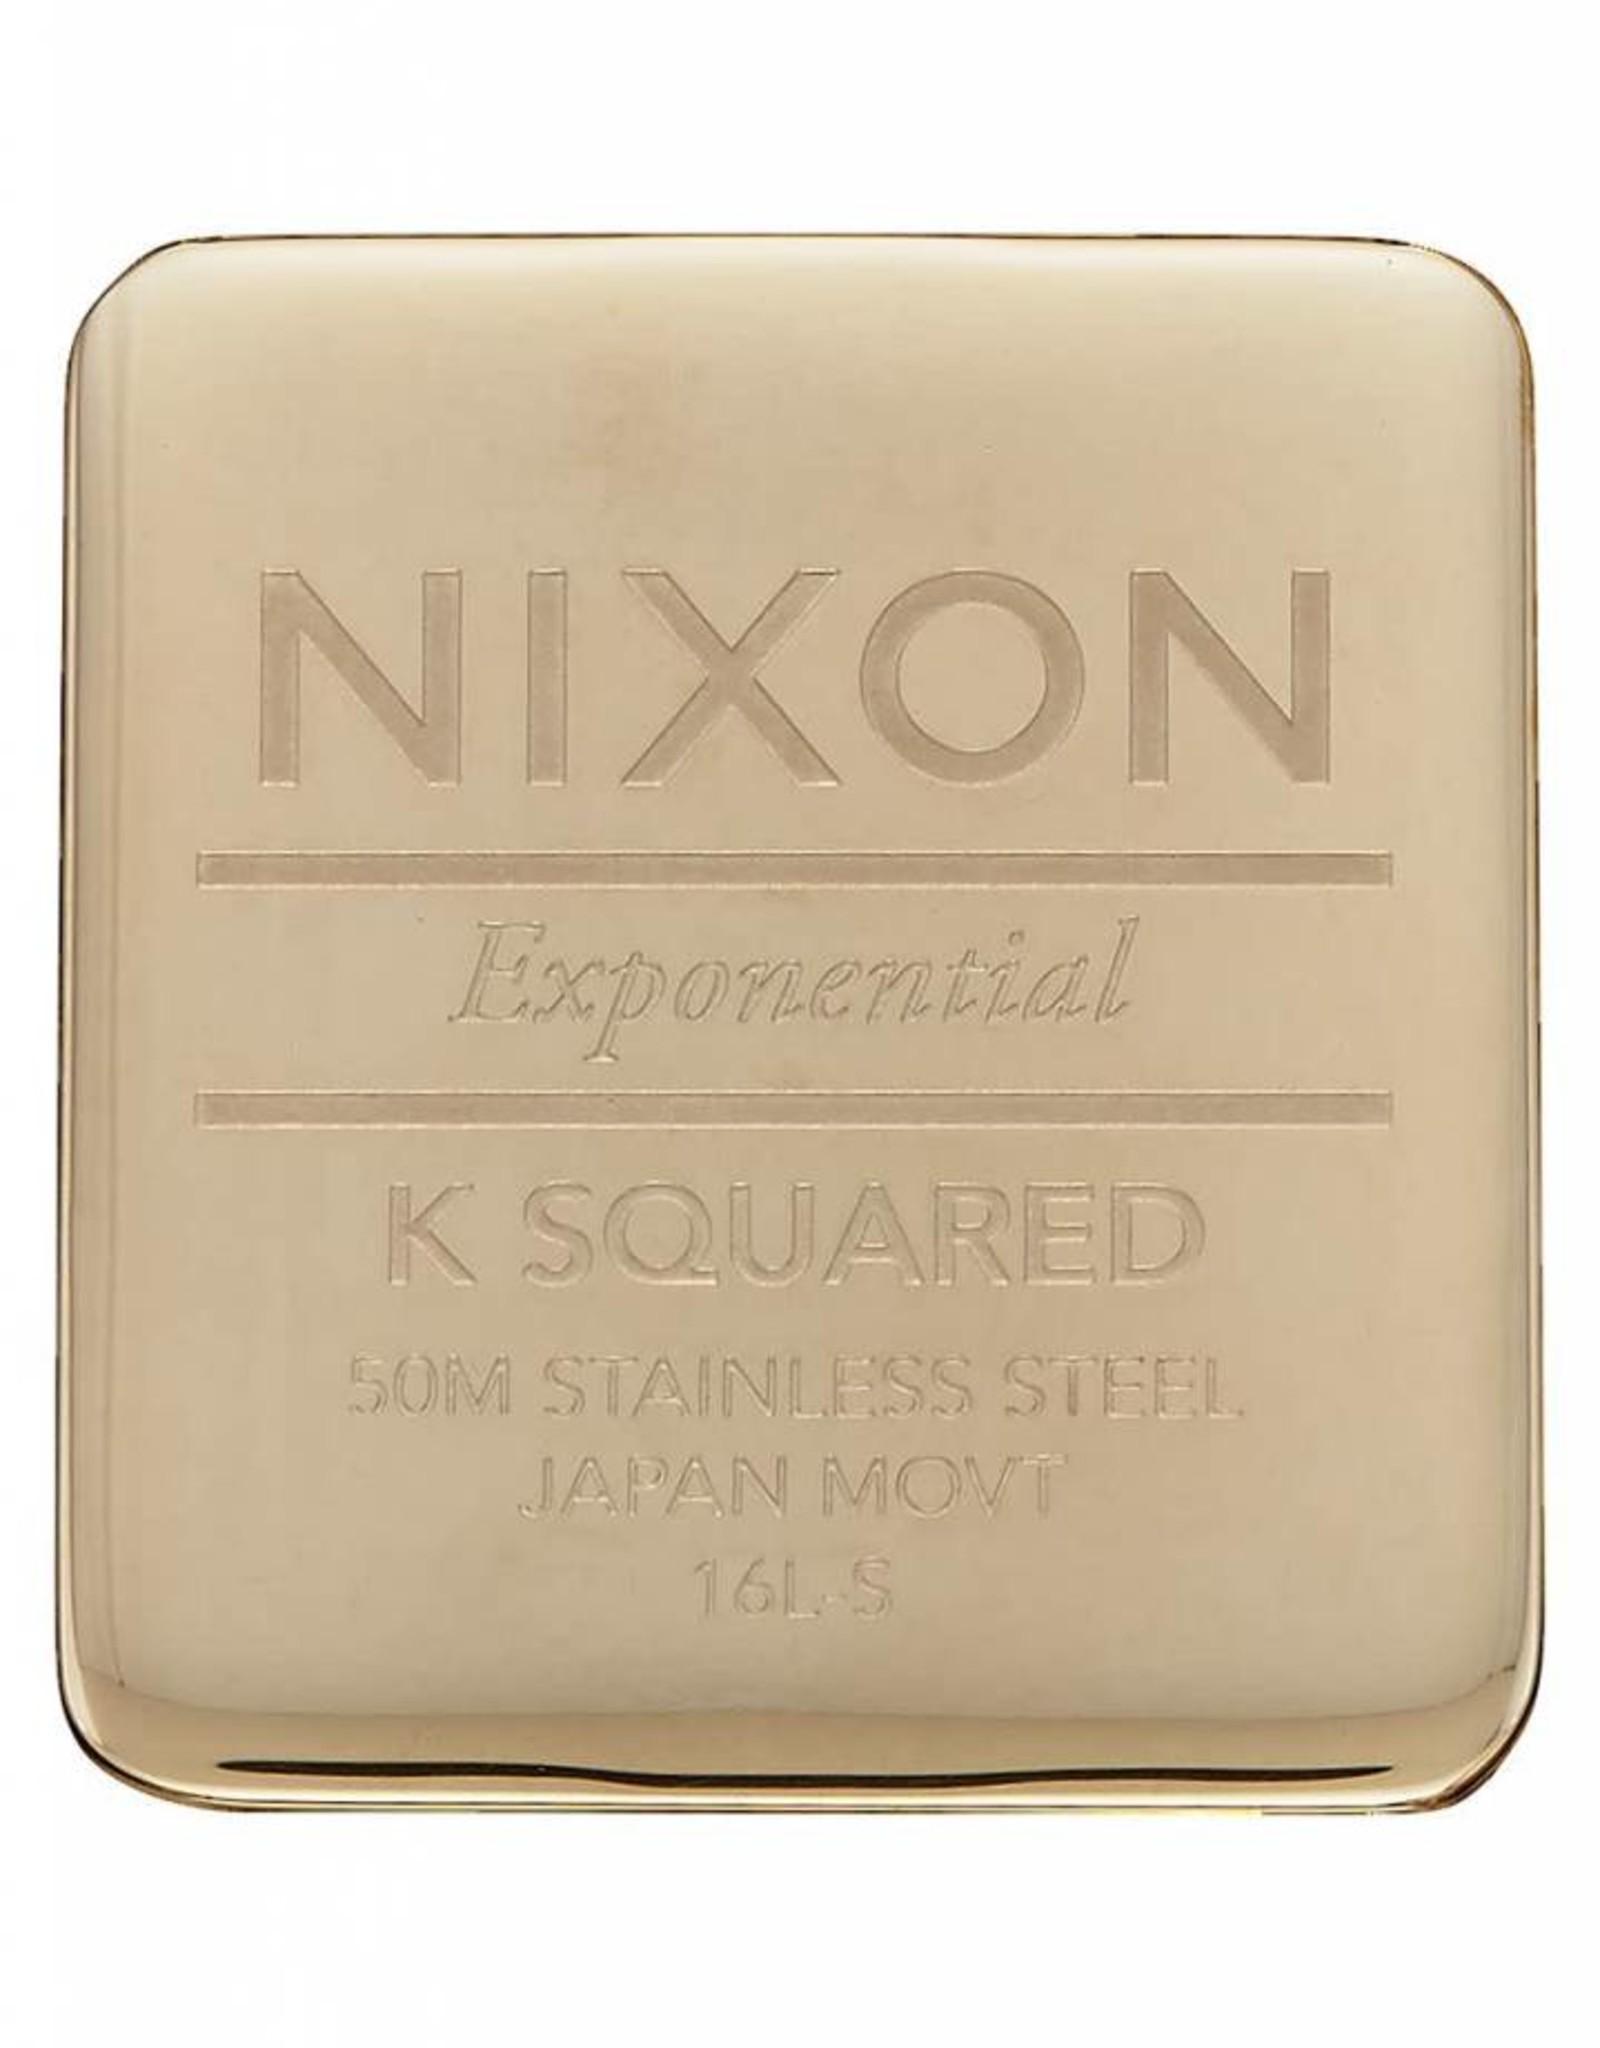 NIXON K Squared Milanses, GOLD